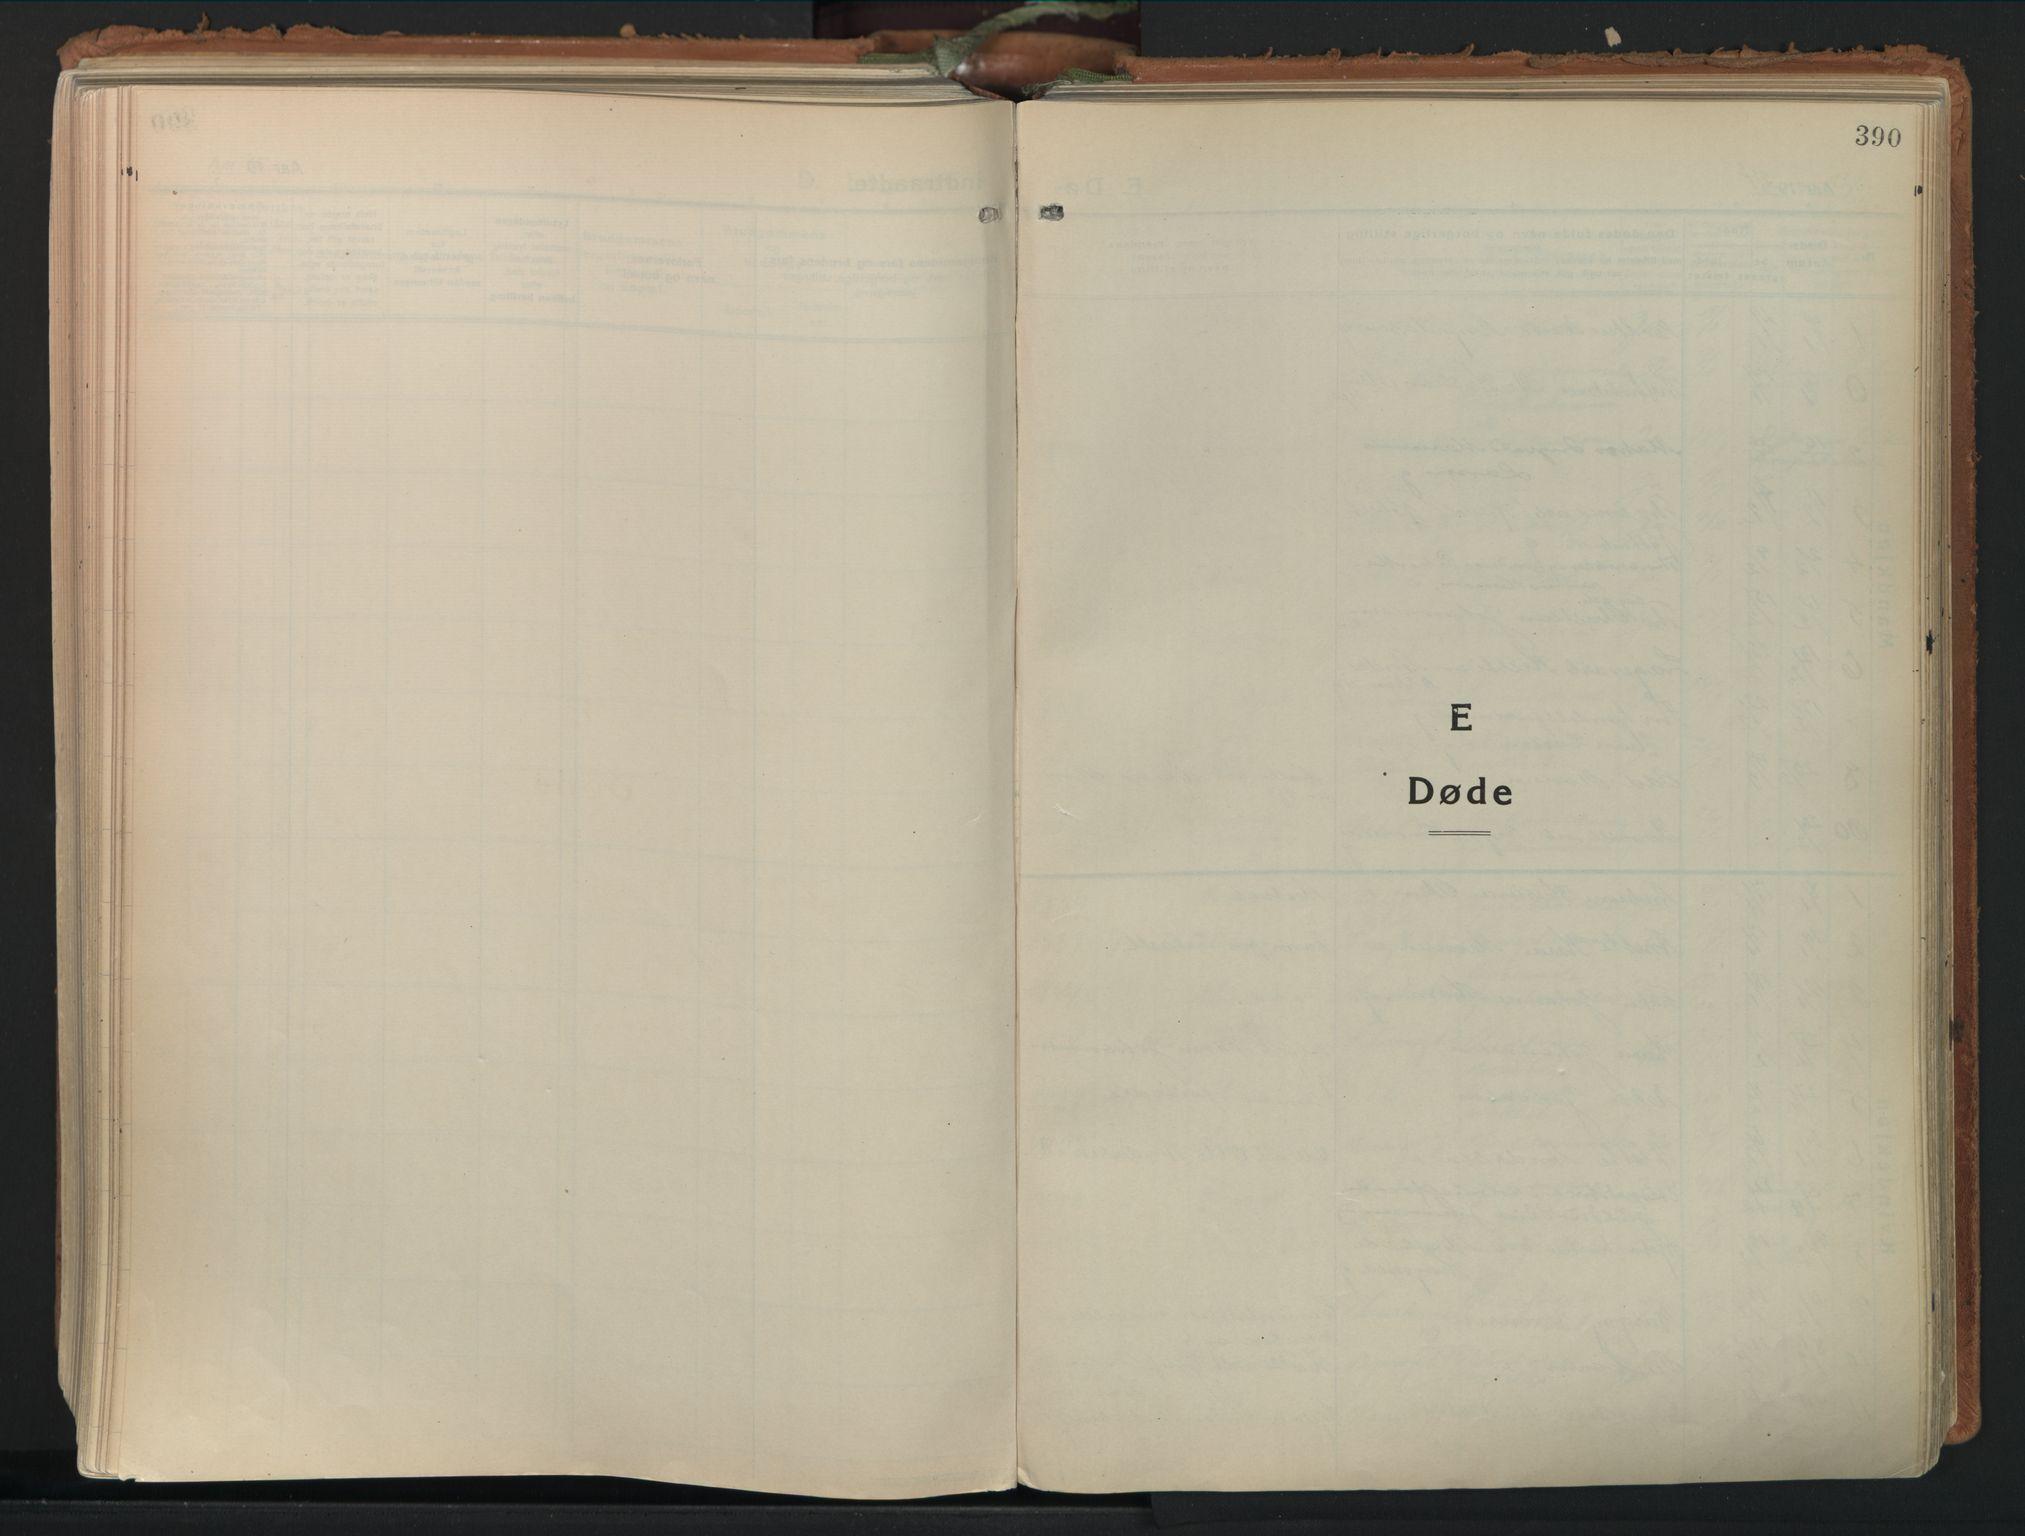 SAO, Moss prestekontor Kirkebøker, F/Fb/Fab/L0006: Ministerialbok nr. II 6, 1924-1932, s. 390